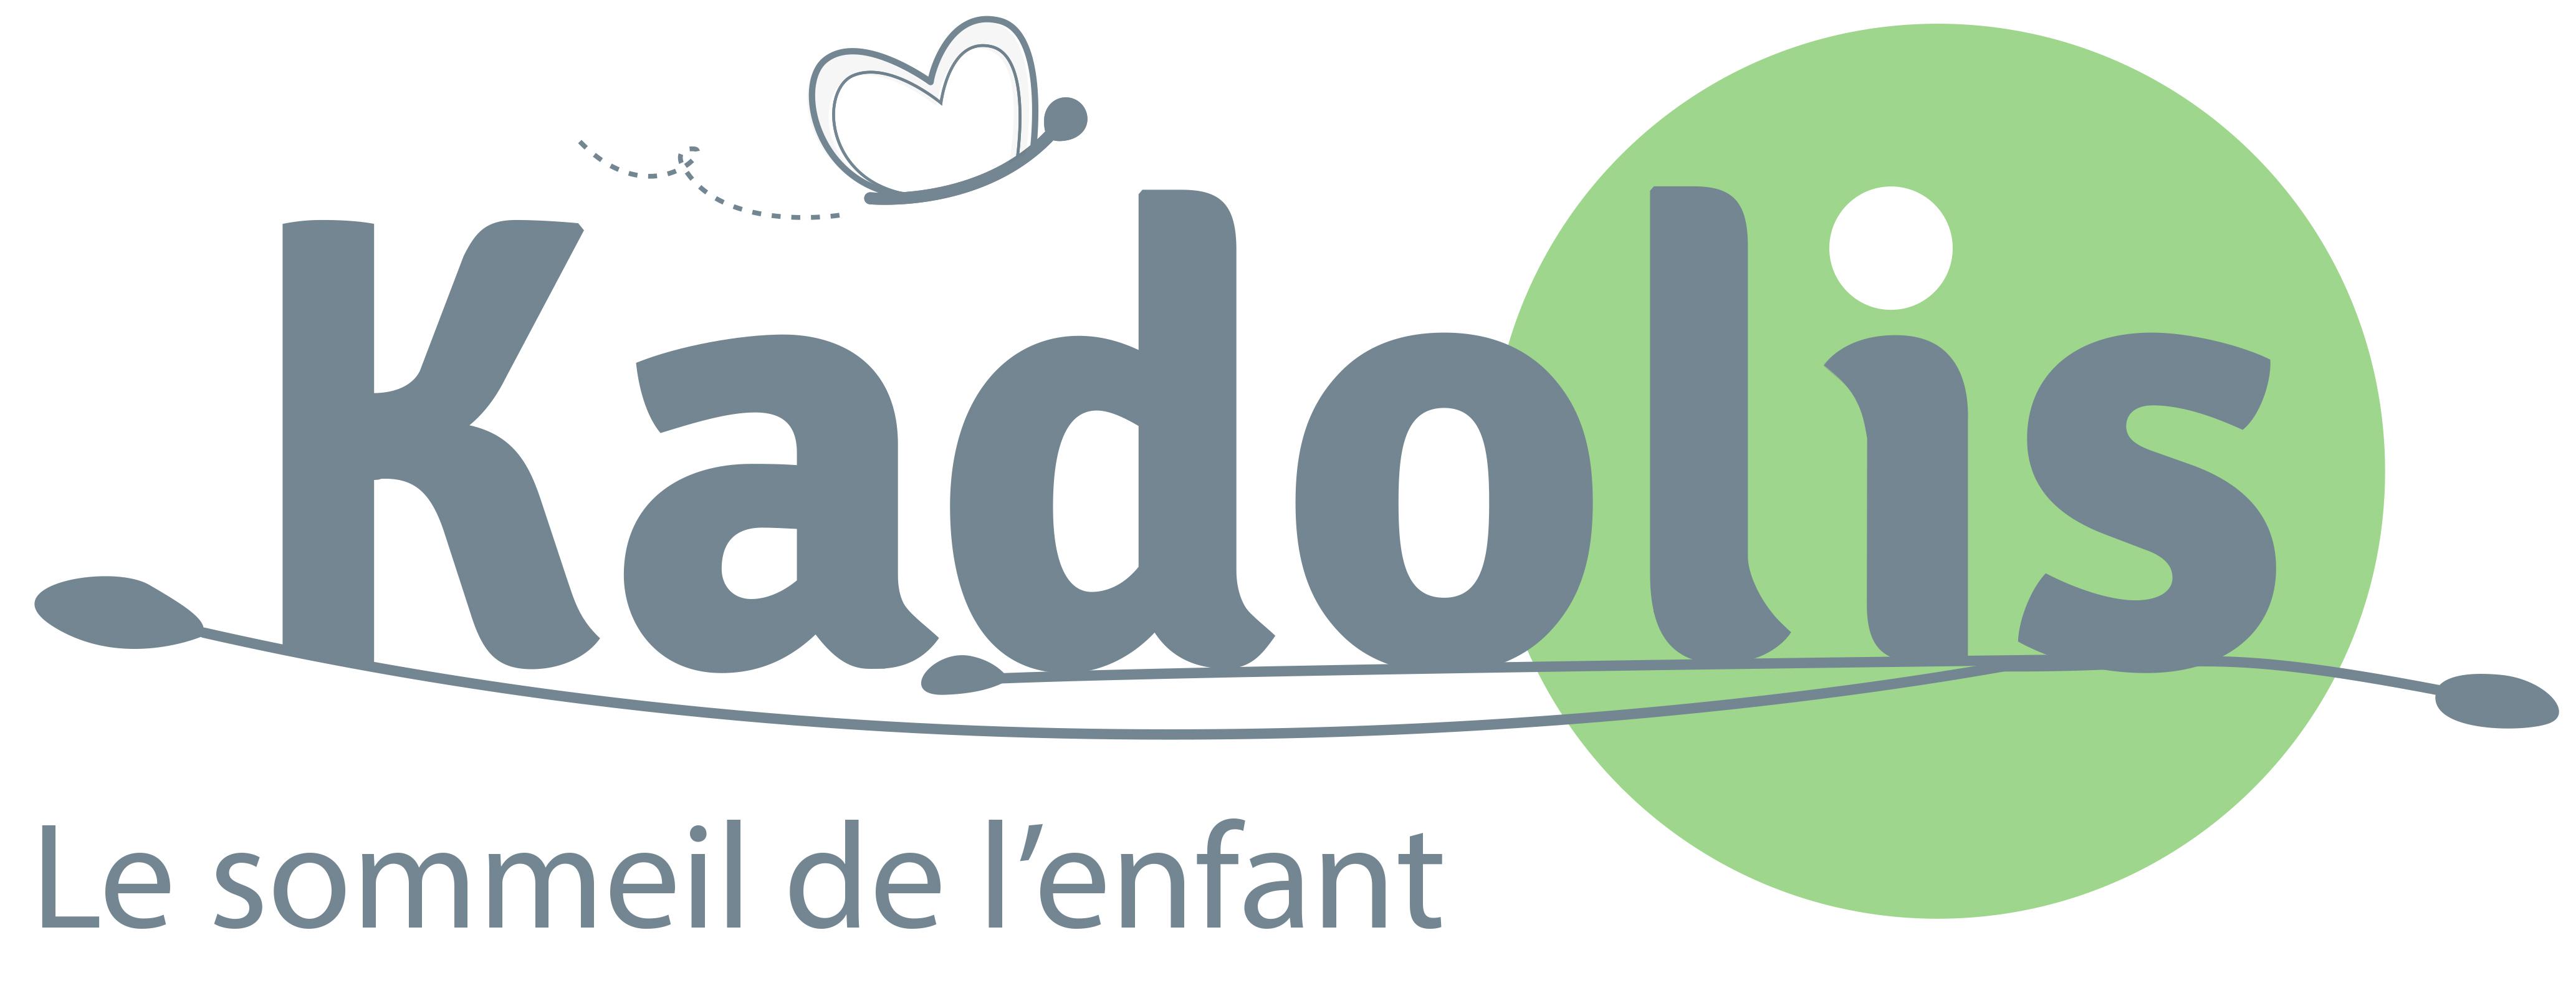 15% de réduction sur tout le site - Kadolis.com